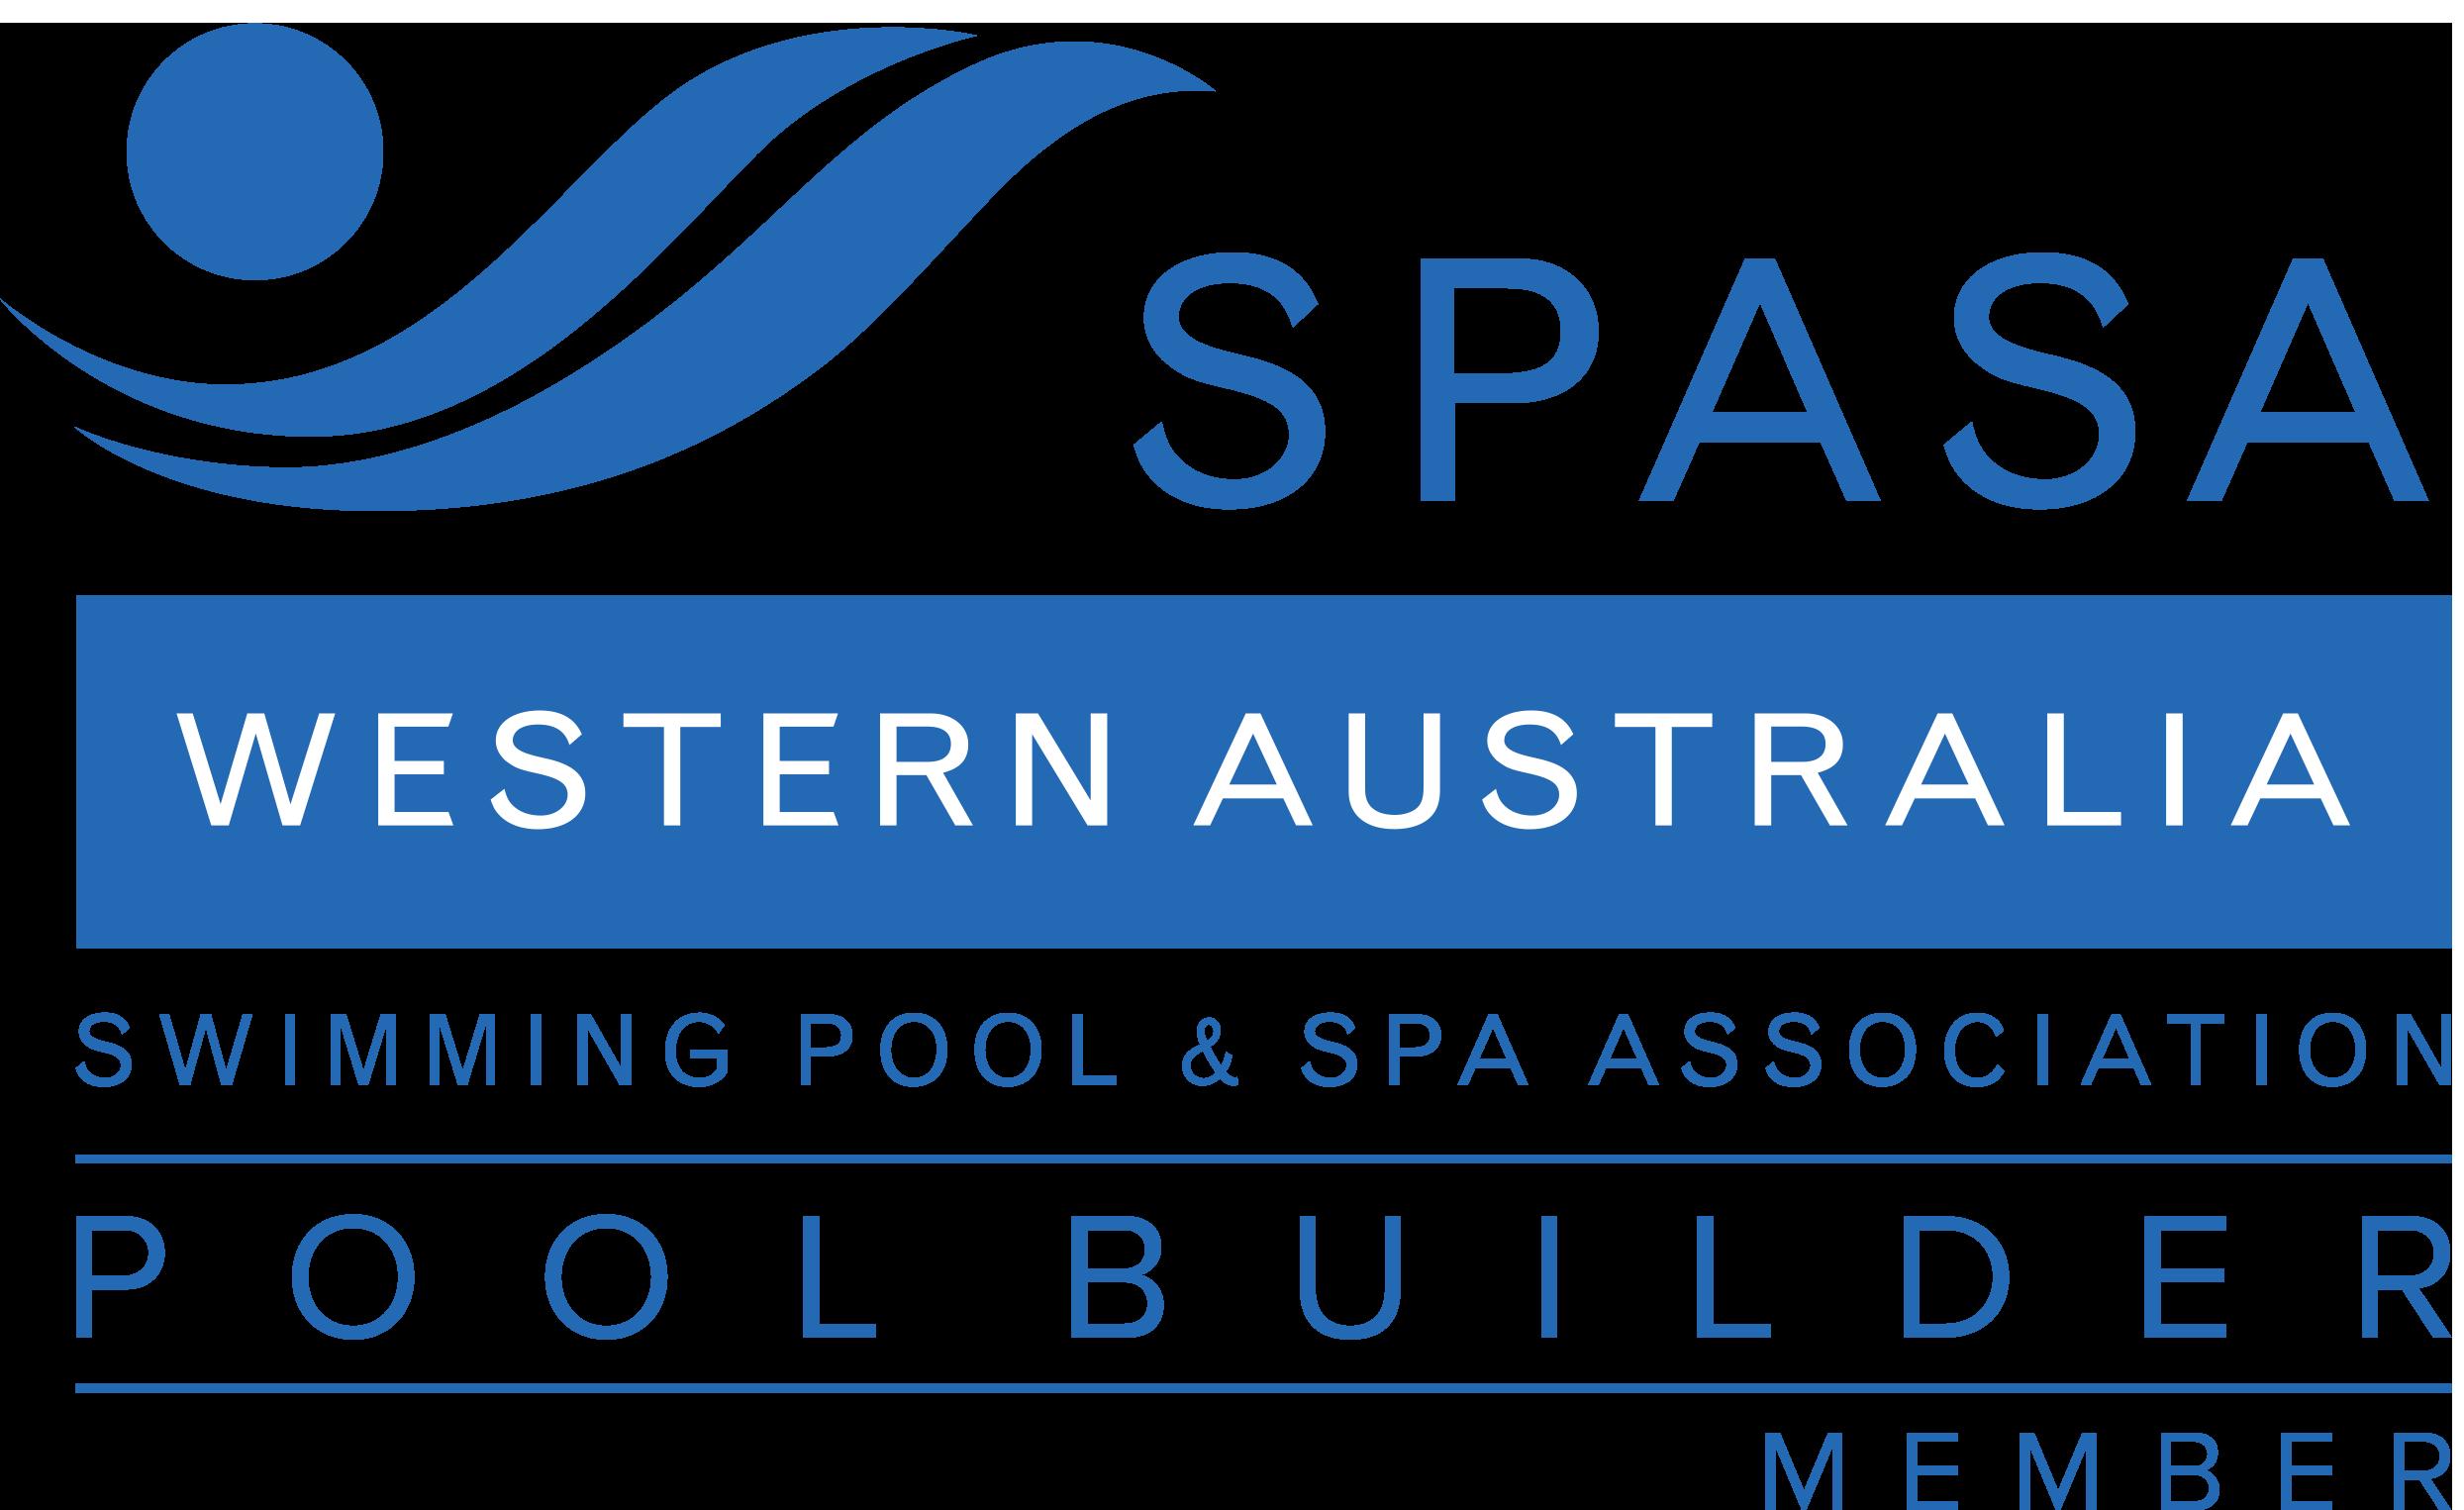 SPASA_Member_Pool_Builder_Large.png